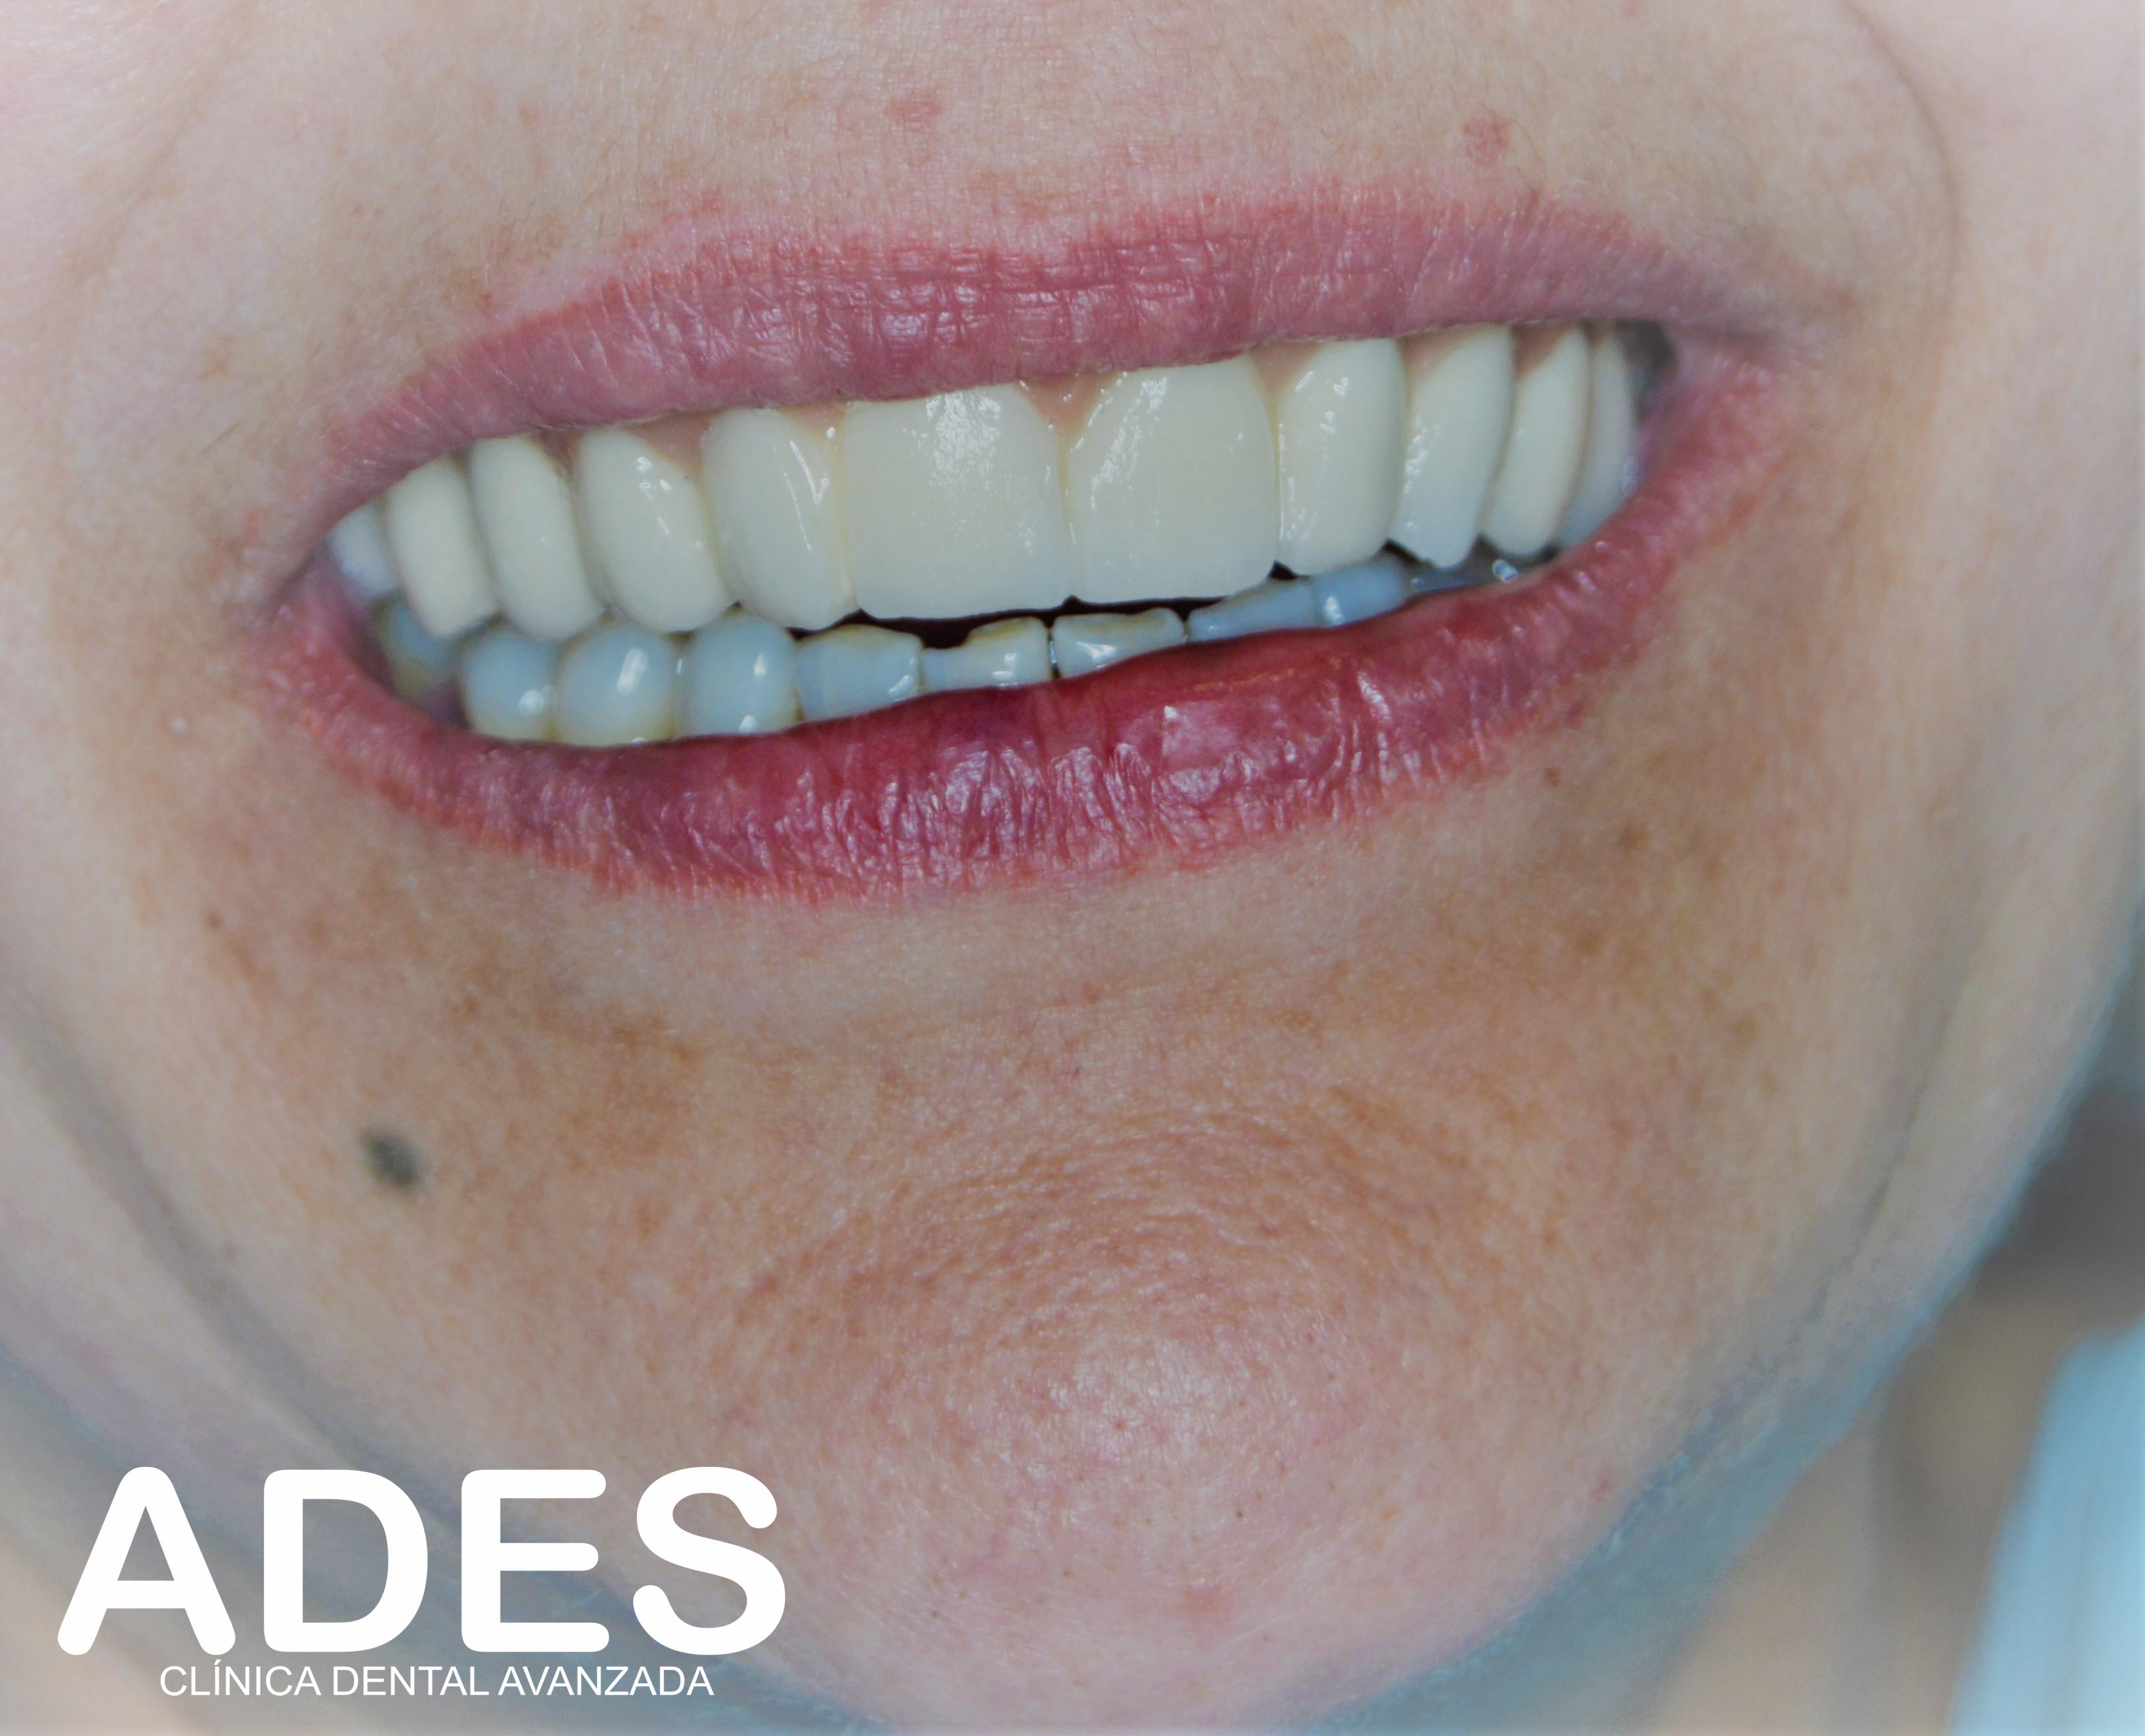 ADES Clínica Dental Avanzada